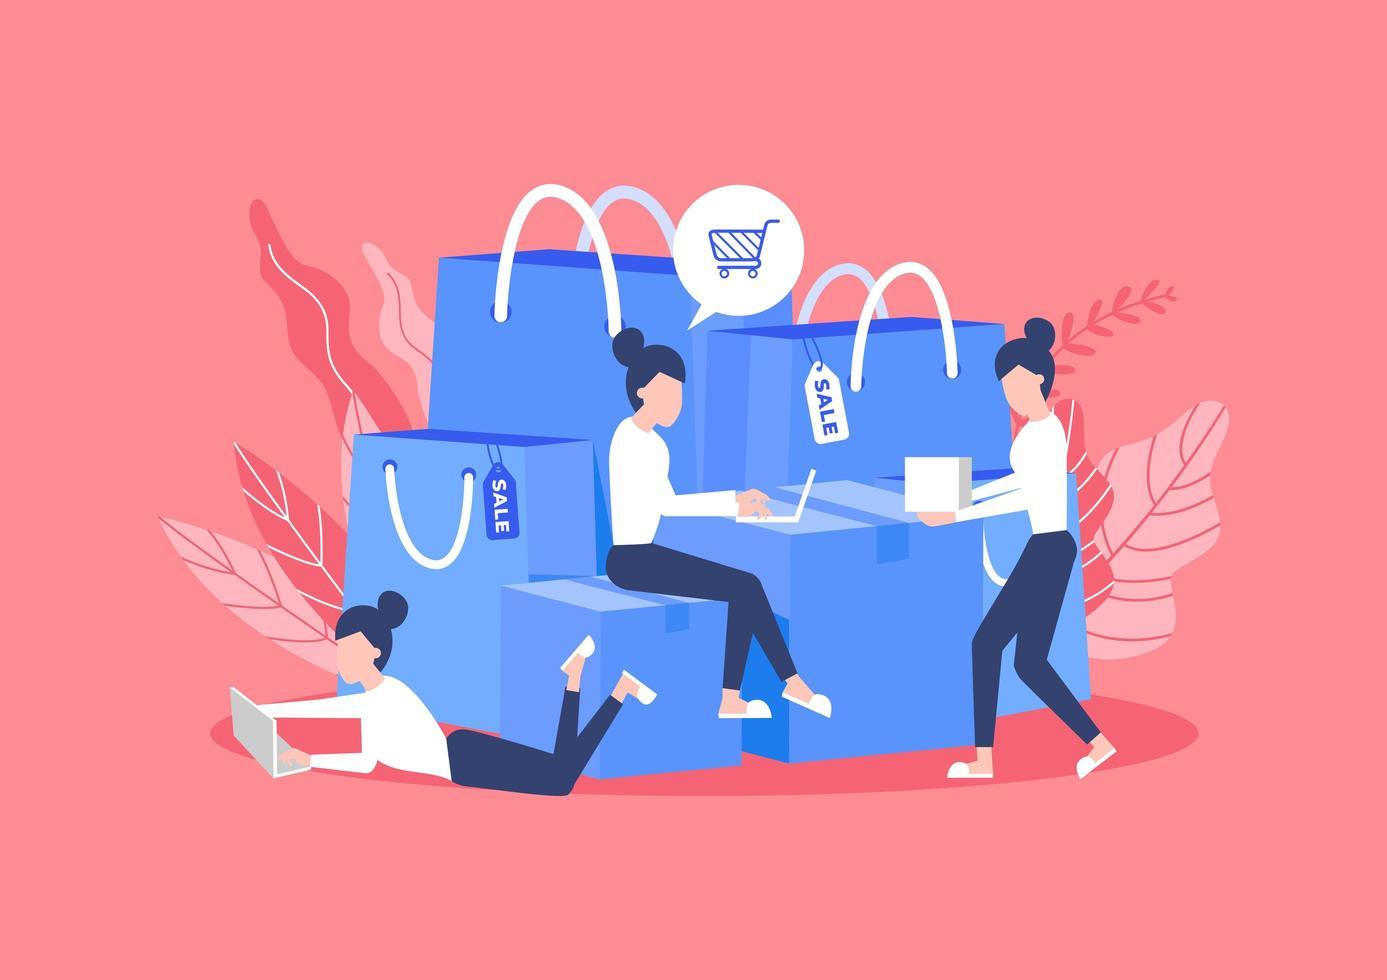 donna seduta con borse e scatole di merci vettore